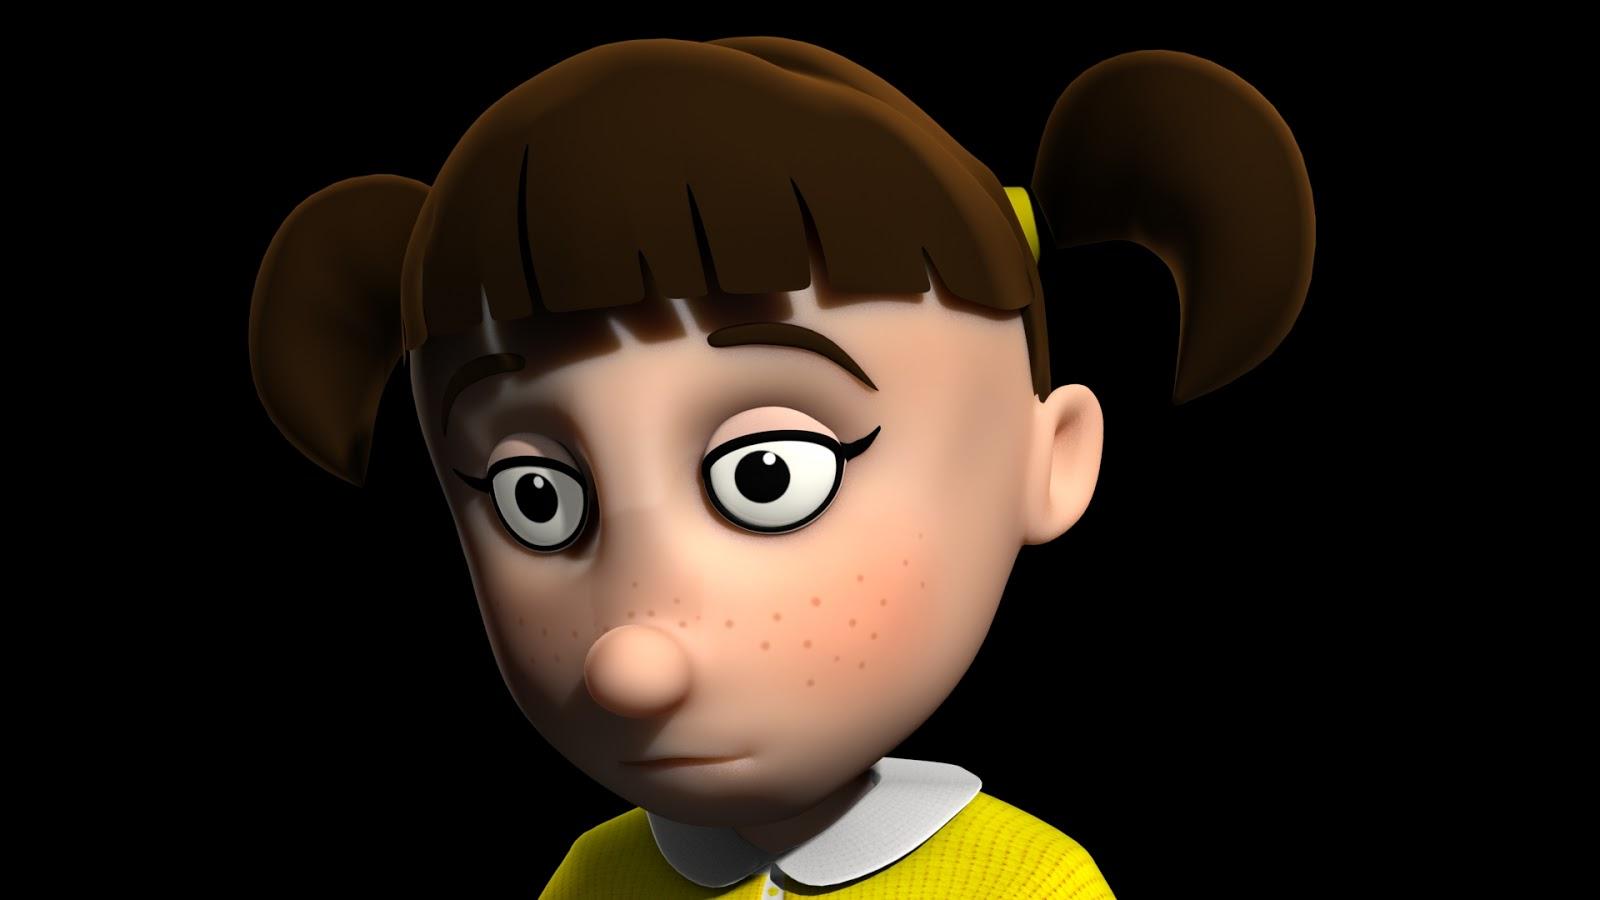 Lucy_10_Hair_eyes.jpg